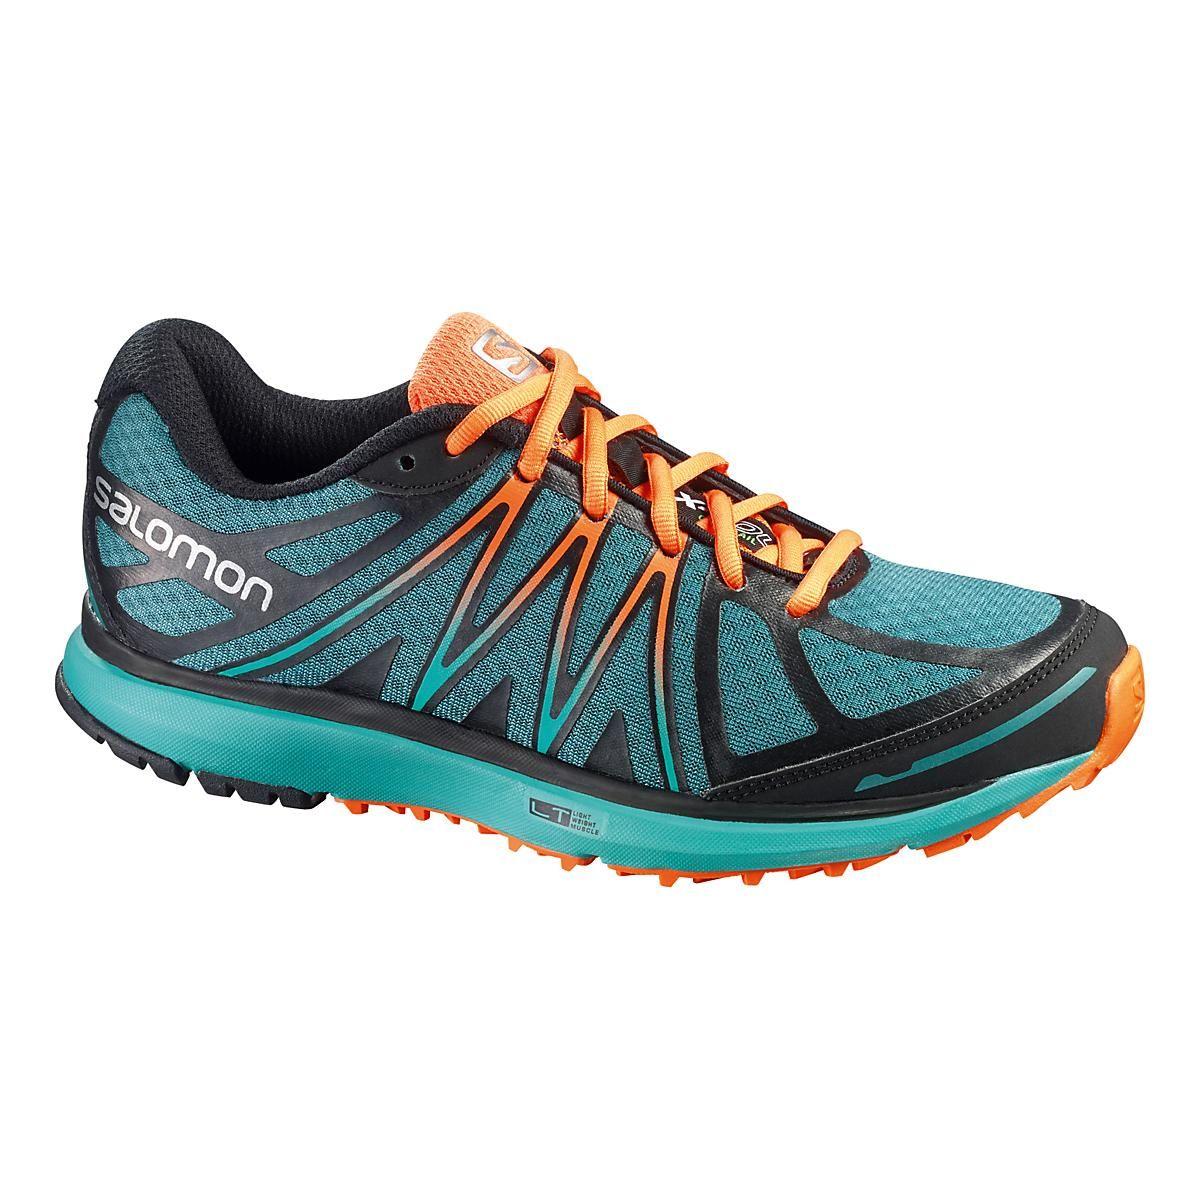 salomon sale online, Salomon x tour women's trail running